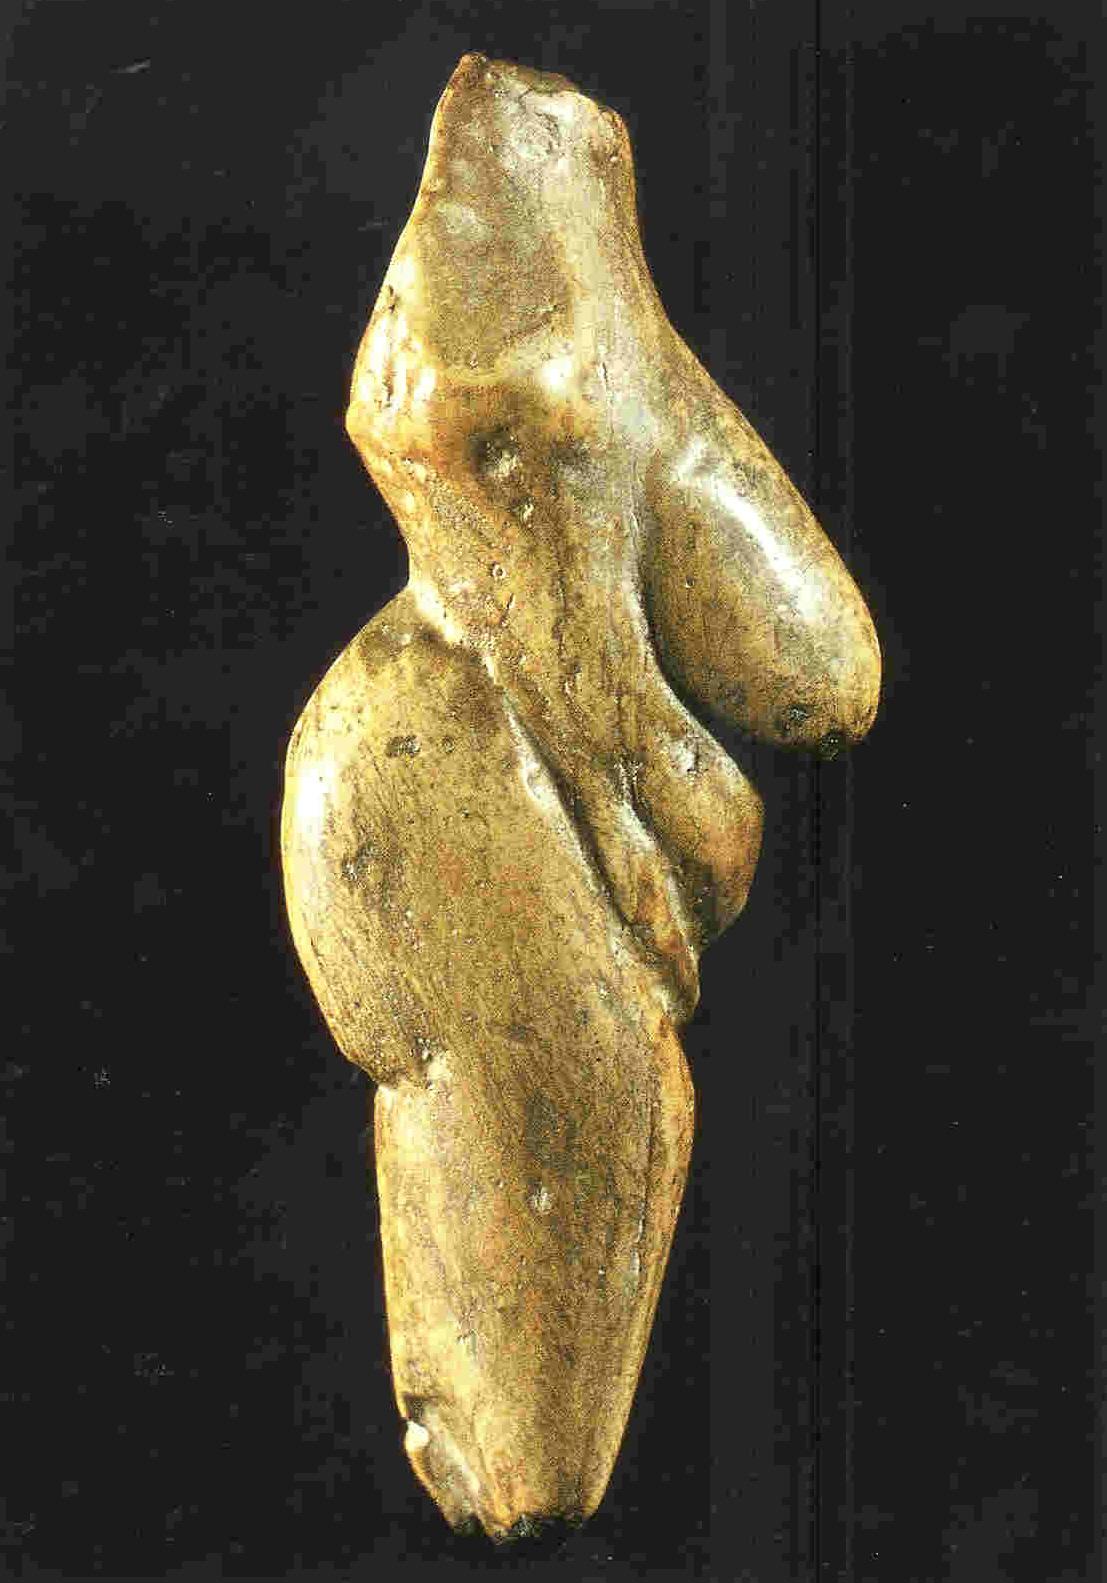 Slowakije: 'Vrouwe van Moravany'. Ook wel 'figurine' van Moravany genoemd. Zij ondersteunt met beide handen haar zware en zwangere buik. Slowakije. 8 cm. 22.000 v. Chr. Thans in Nitra in Slowakije.